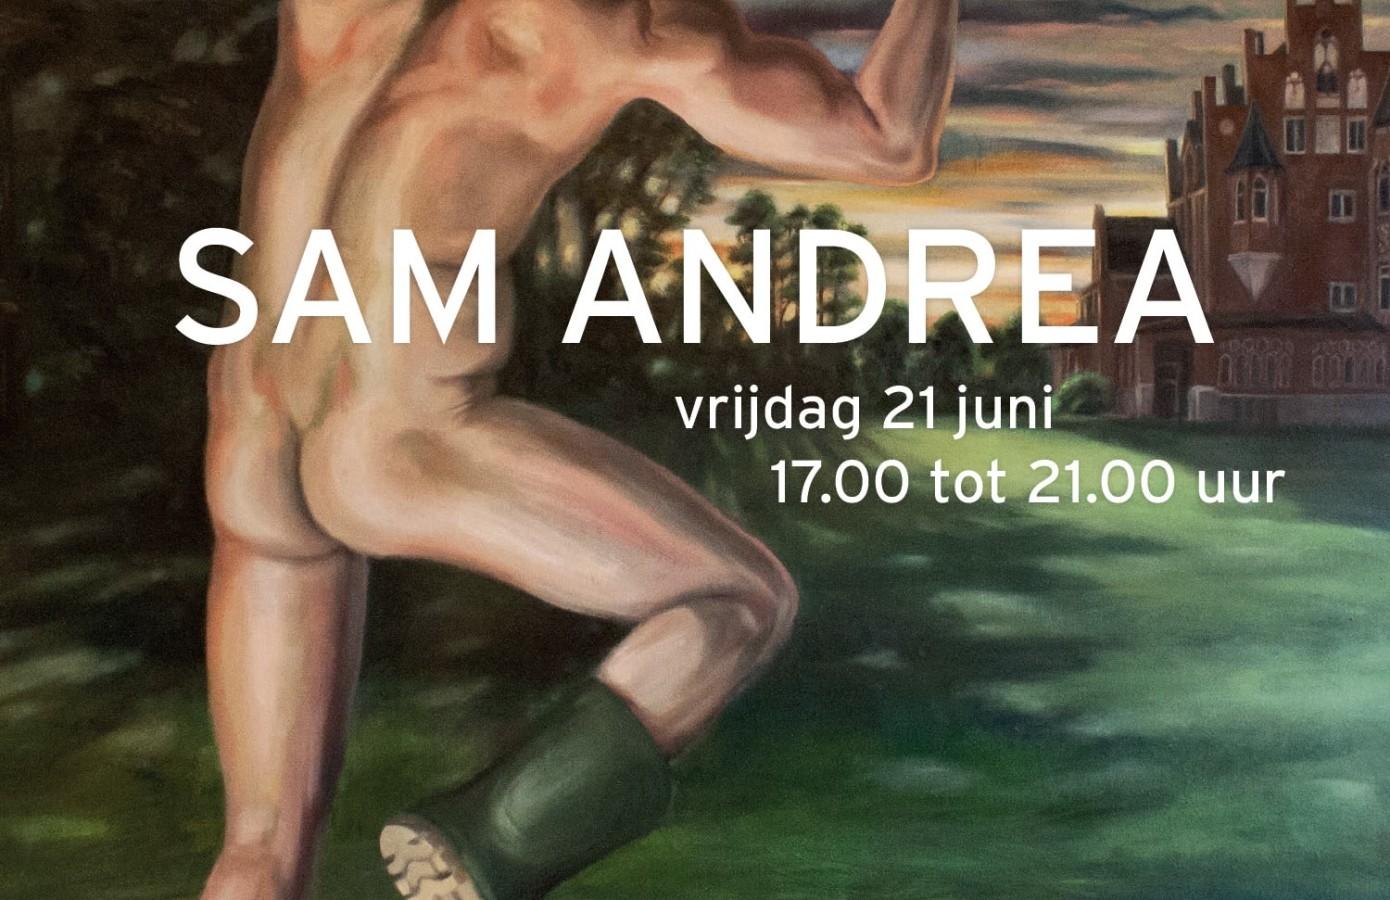 Solo expositie Sam Andrea, Sam Andrea,